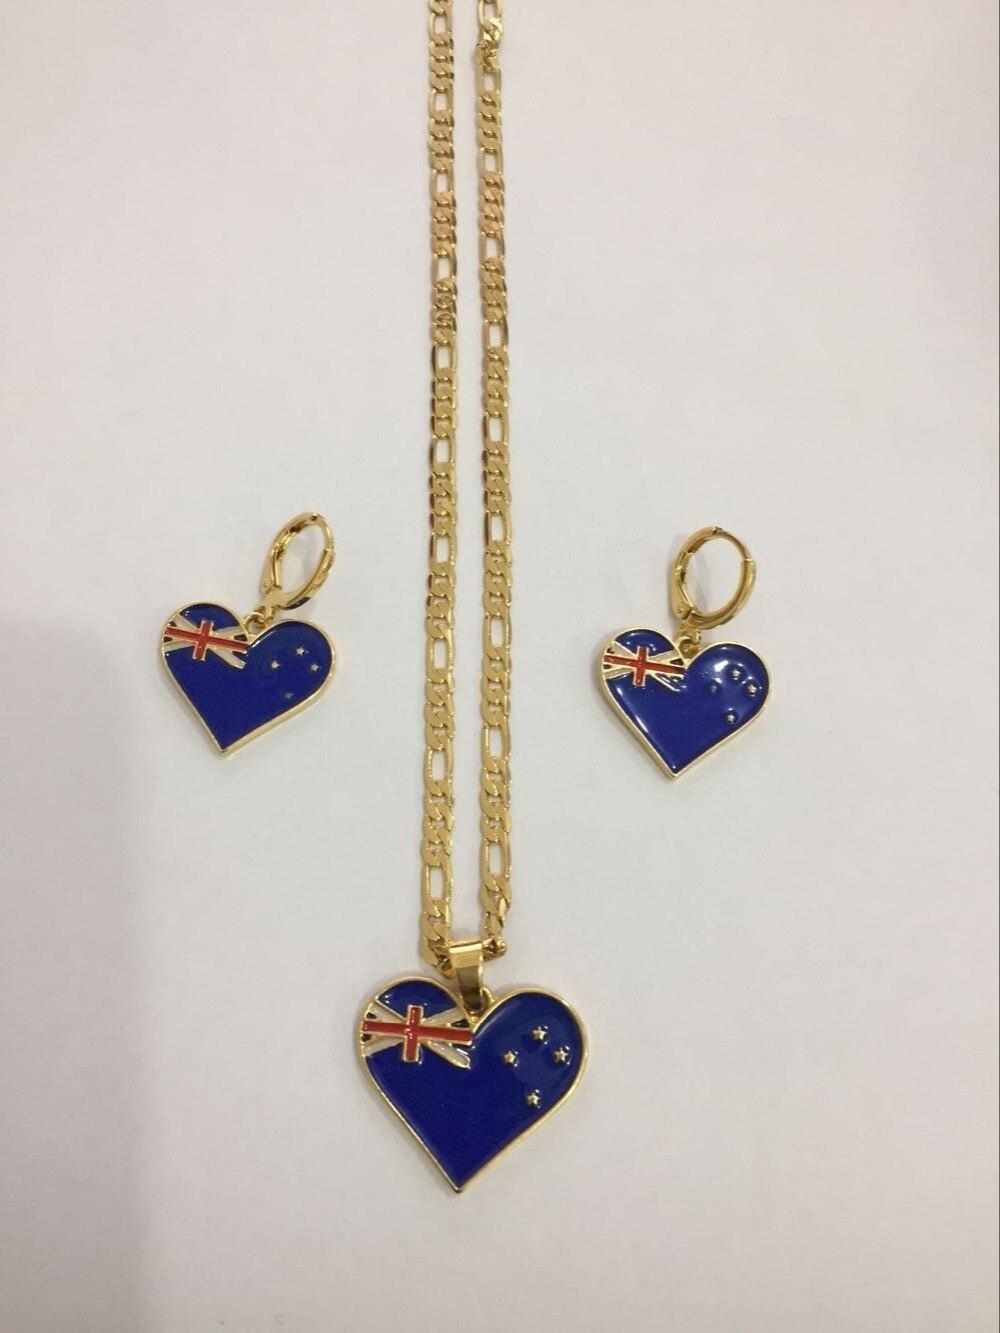 PNG Nouvelle-Zélande Jamaïque Guyana Drapeau boucles d'oreilles Collier Pendentif Chaîne Or Coeur Phoenix Étoiles Jewely ensembles cadeau pour femmes filles